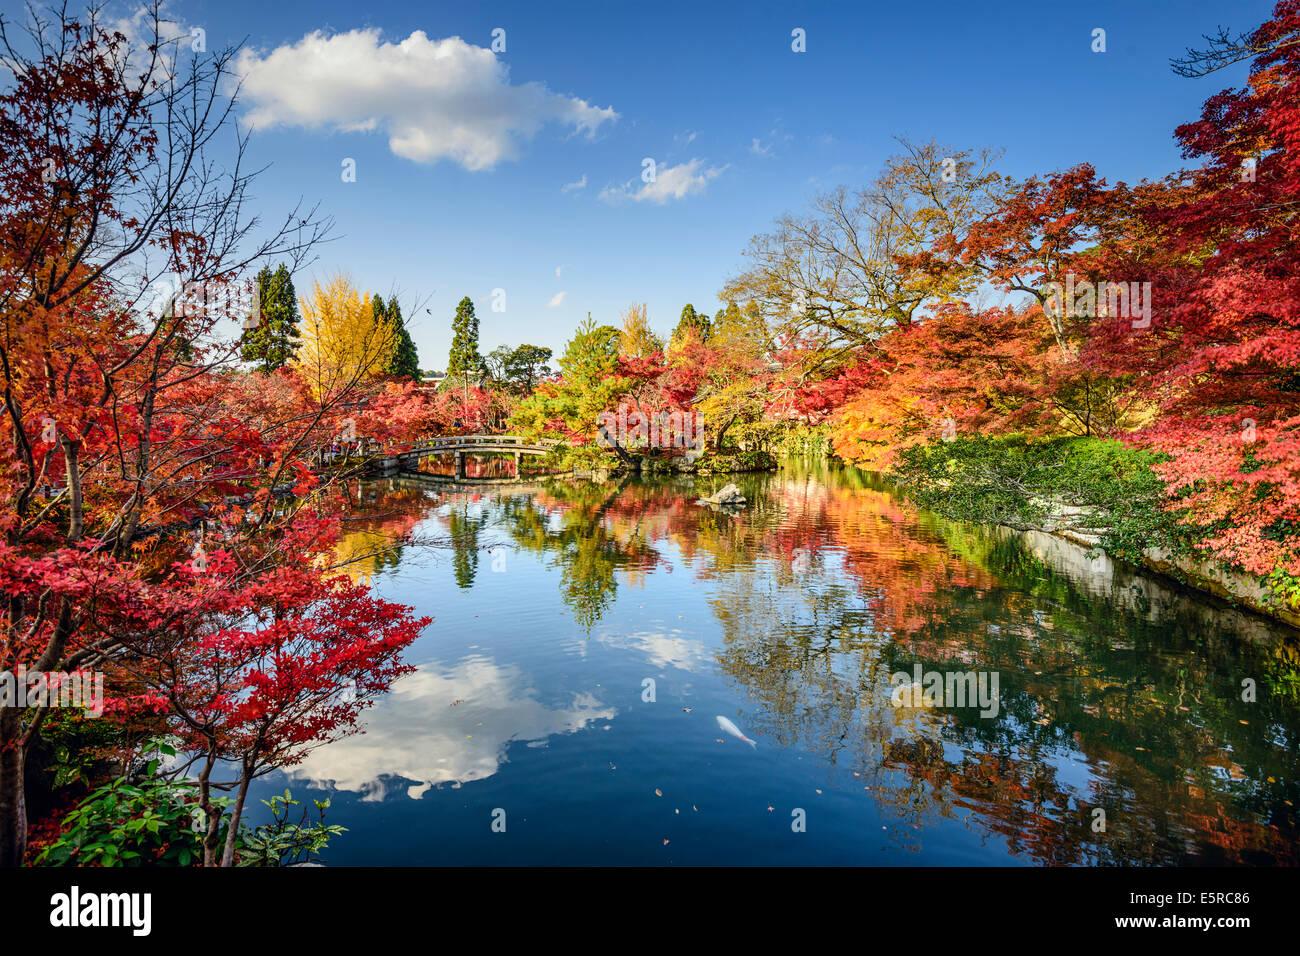 Kyoto, Giappone caduta delle foglie al Santuario Eikando giardino. Immagini Stock